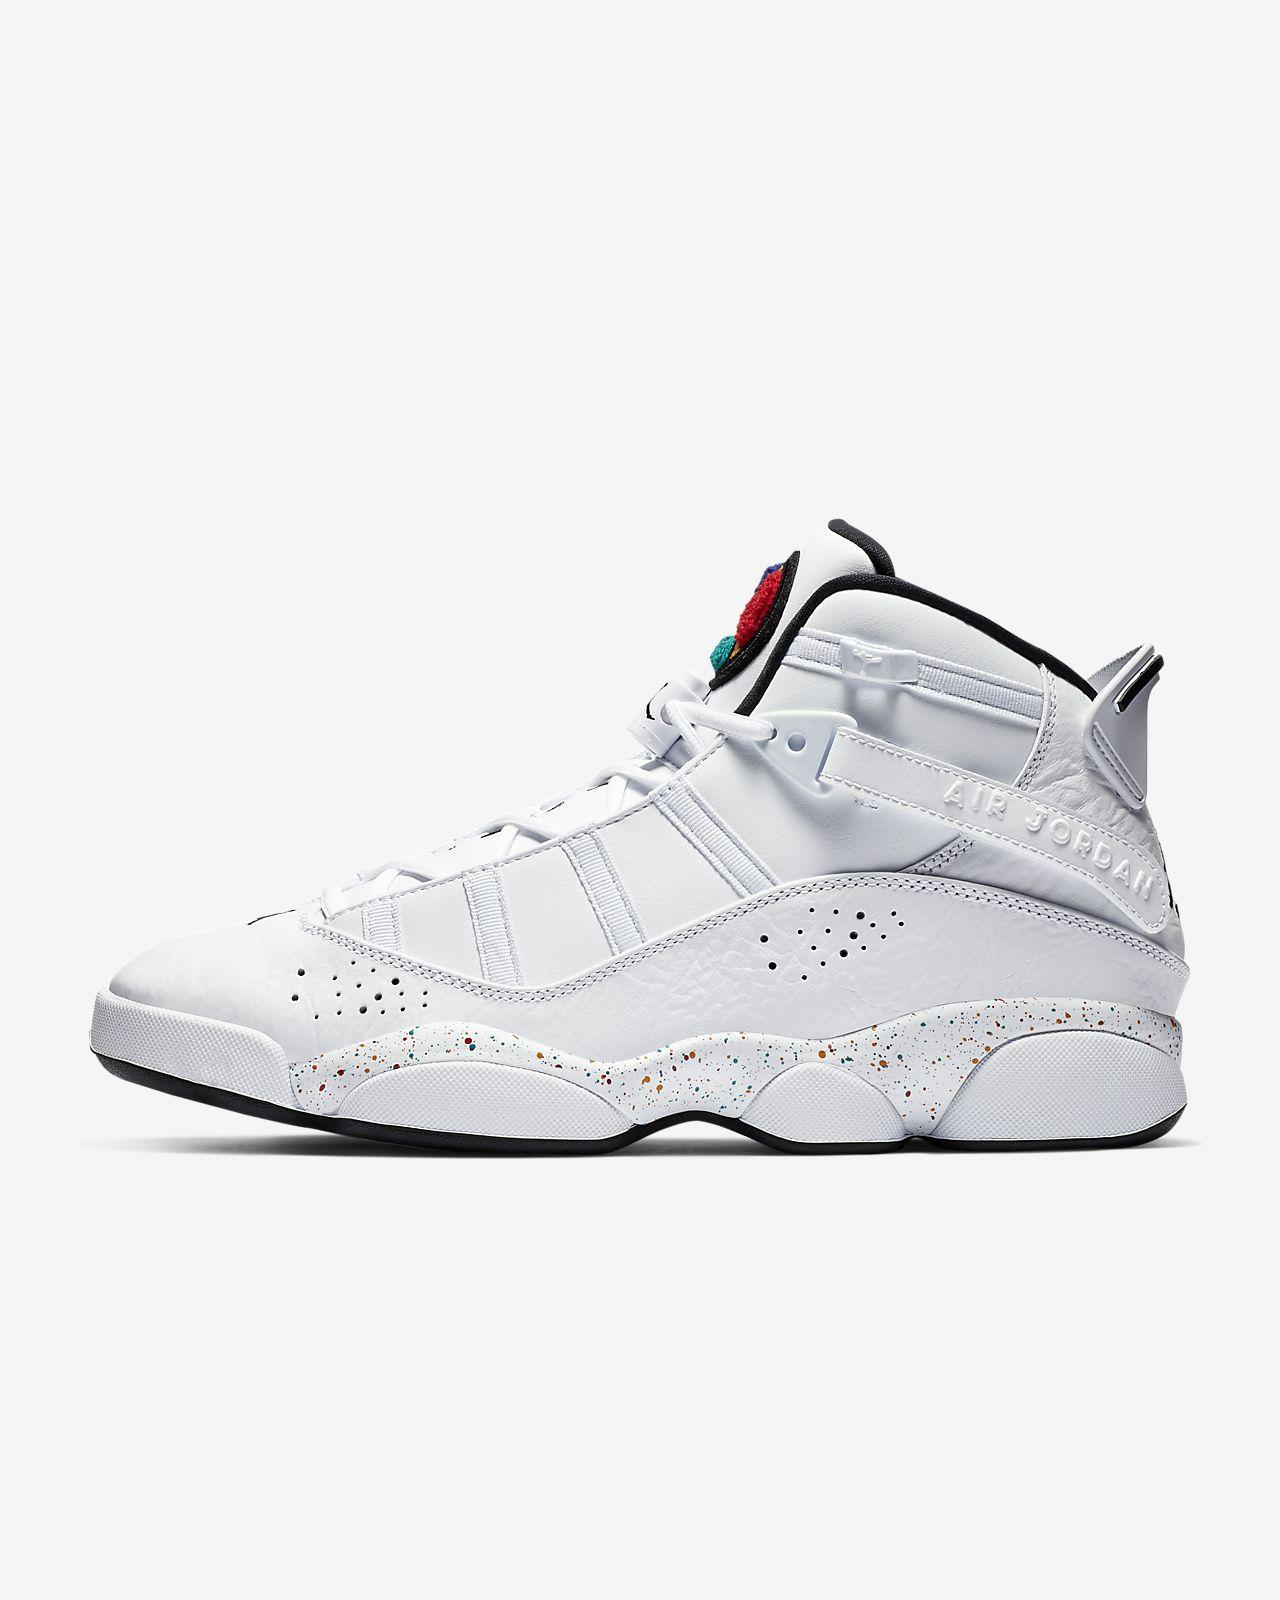 fa6d99eb03932 Calzado para hombre Jordan 6 Rings. Nike.com MX